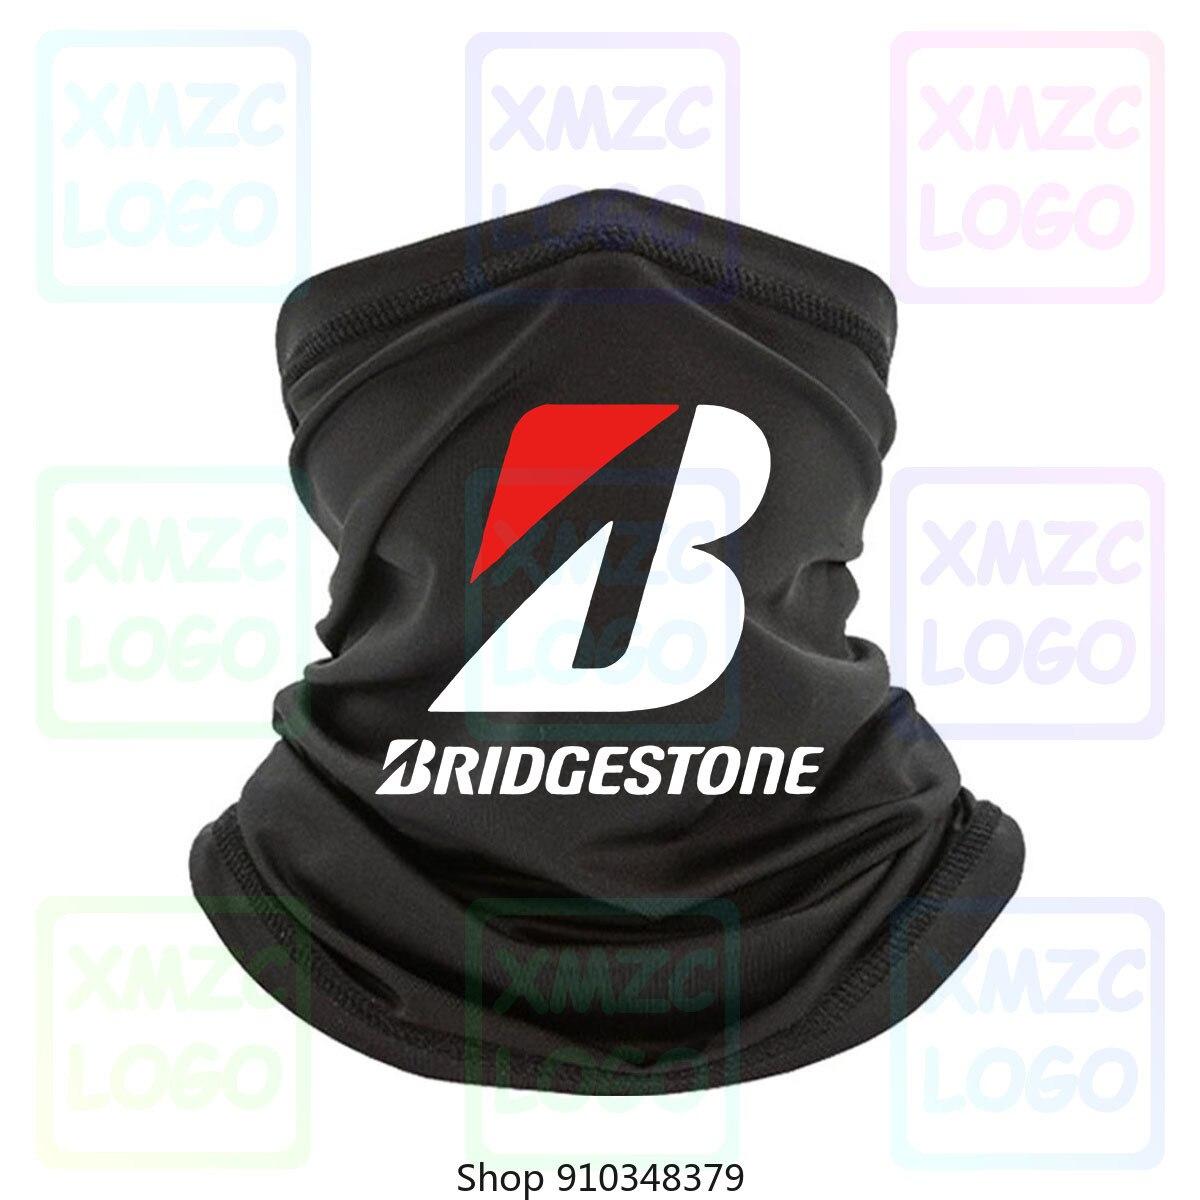 Bridgestone coche de carreras Offroad deriva negro camisetas ¡Blanco listo! Gudal, diadema, pañuelo, pañuelo, calentador de cuello, mujeres, hombres